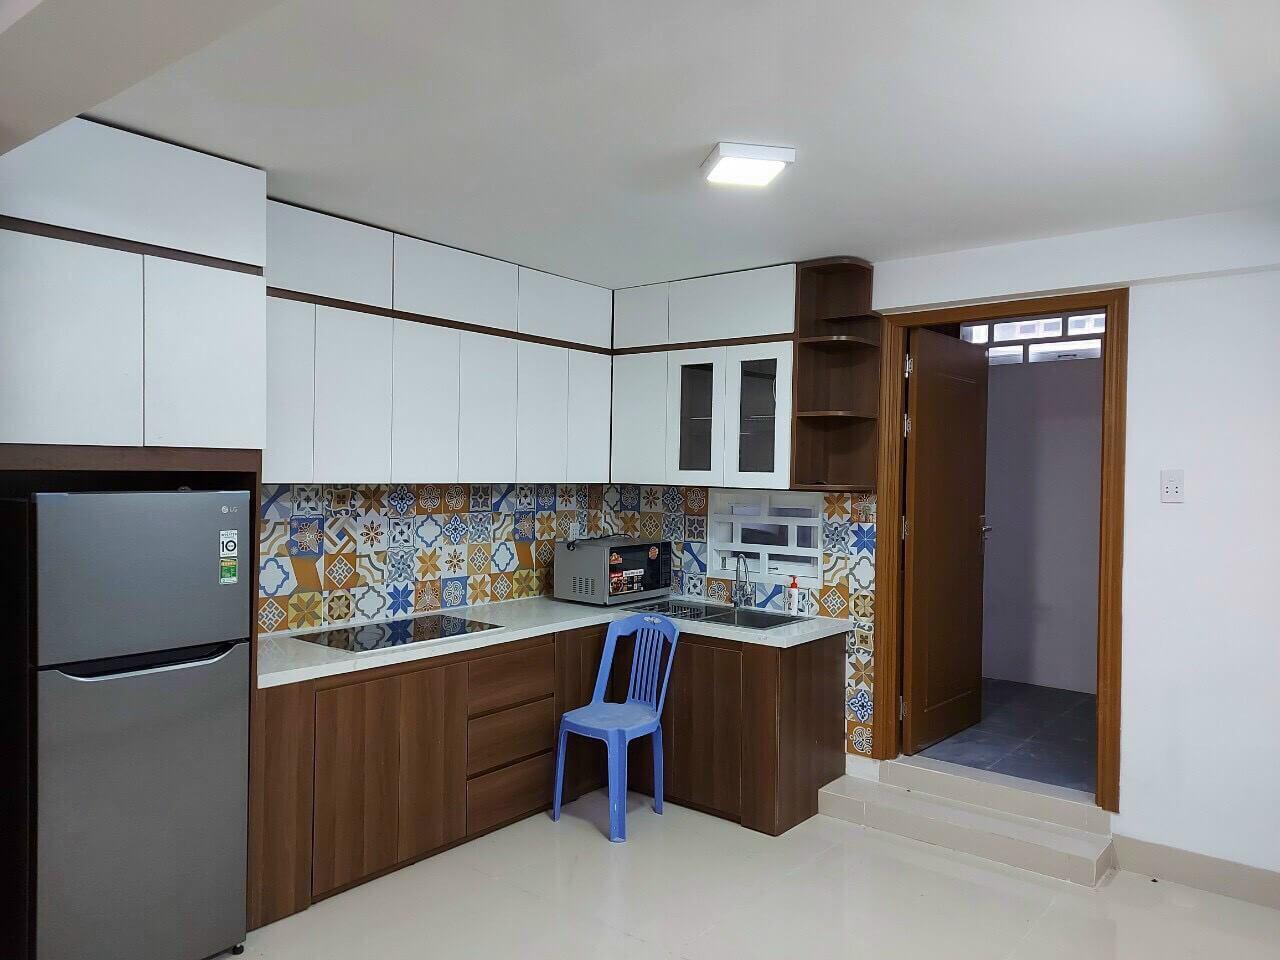 phòng bếp nhà kiệt An Thượng 24